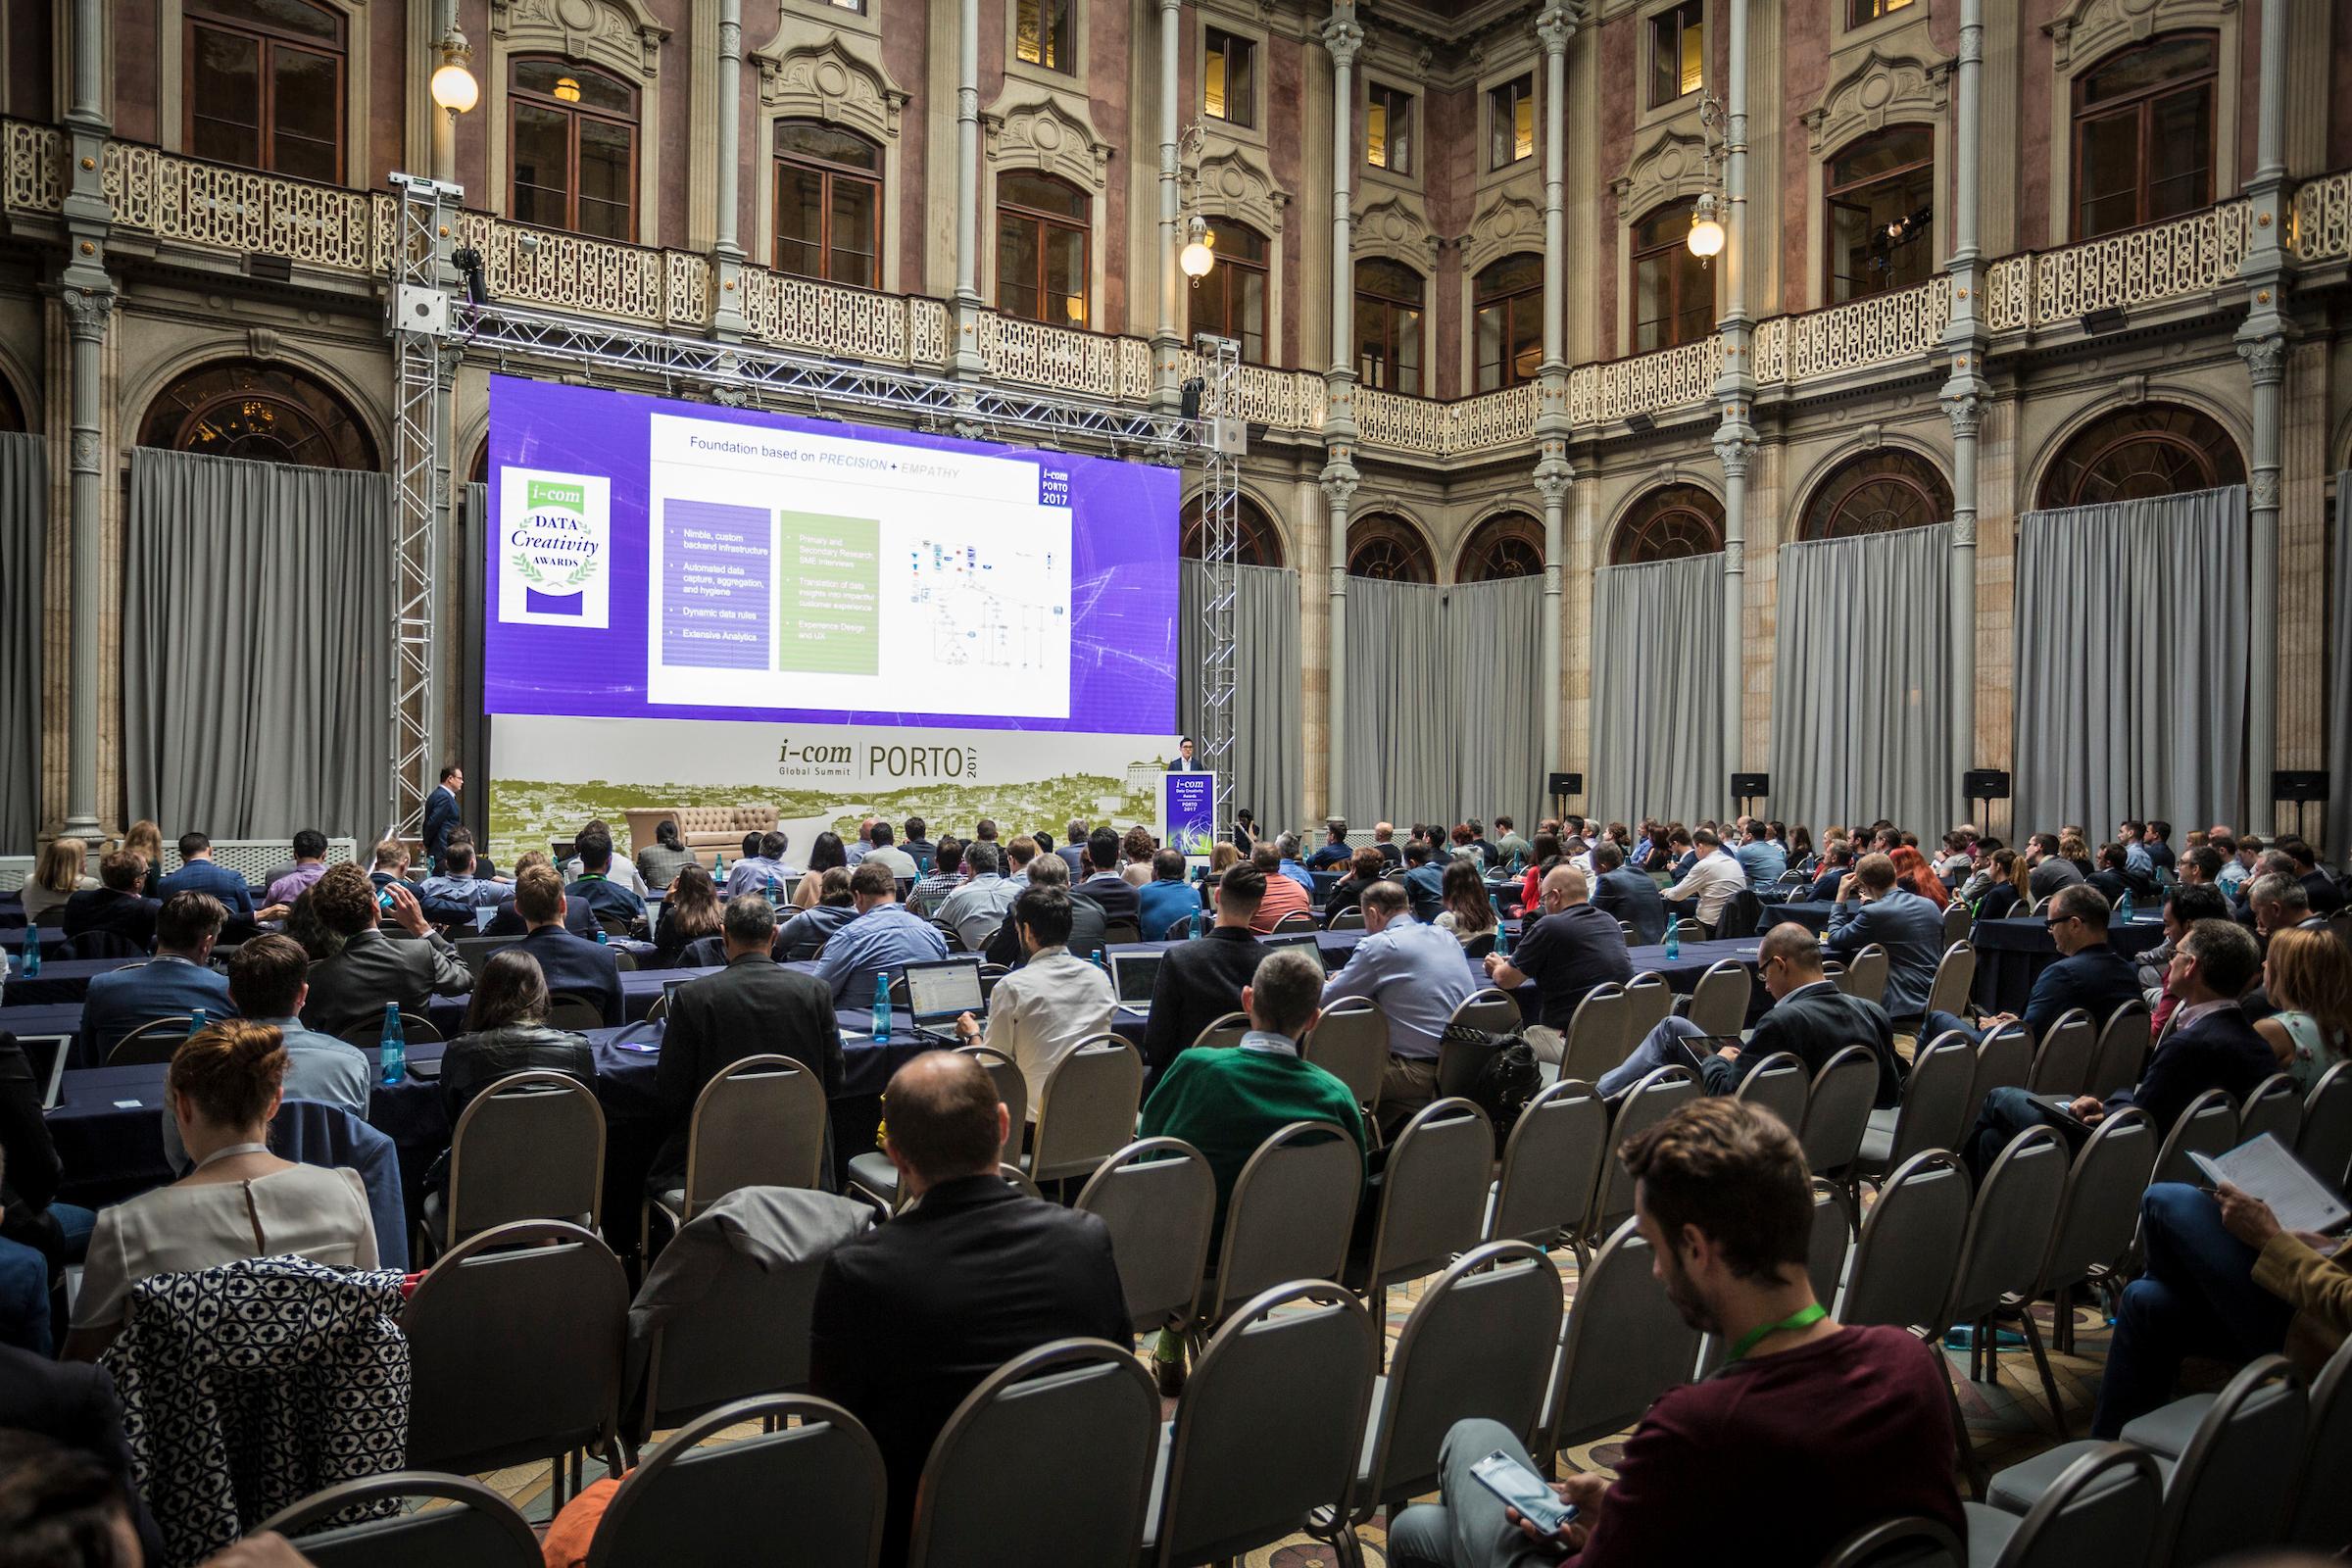 I-COM Global Summit 2017, Porto